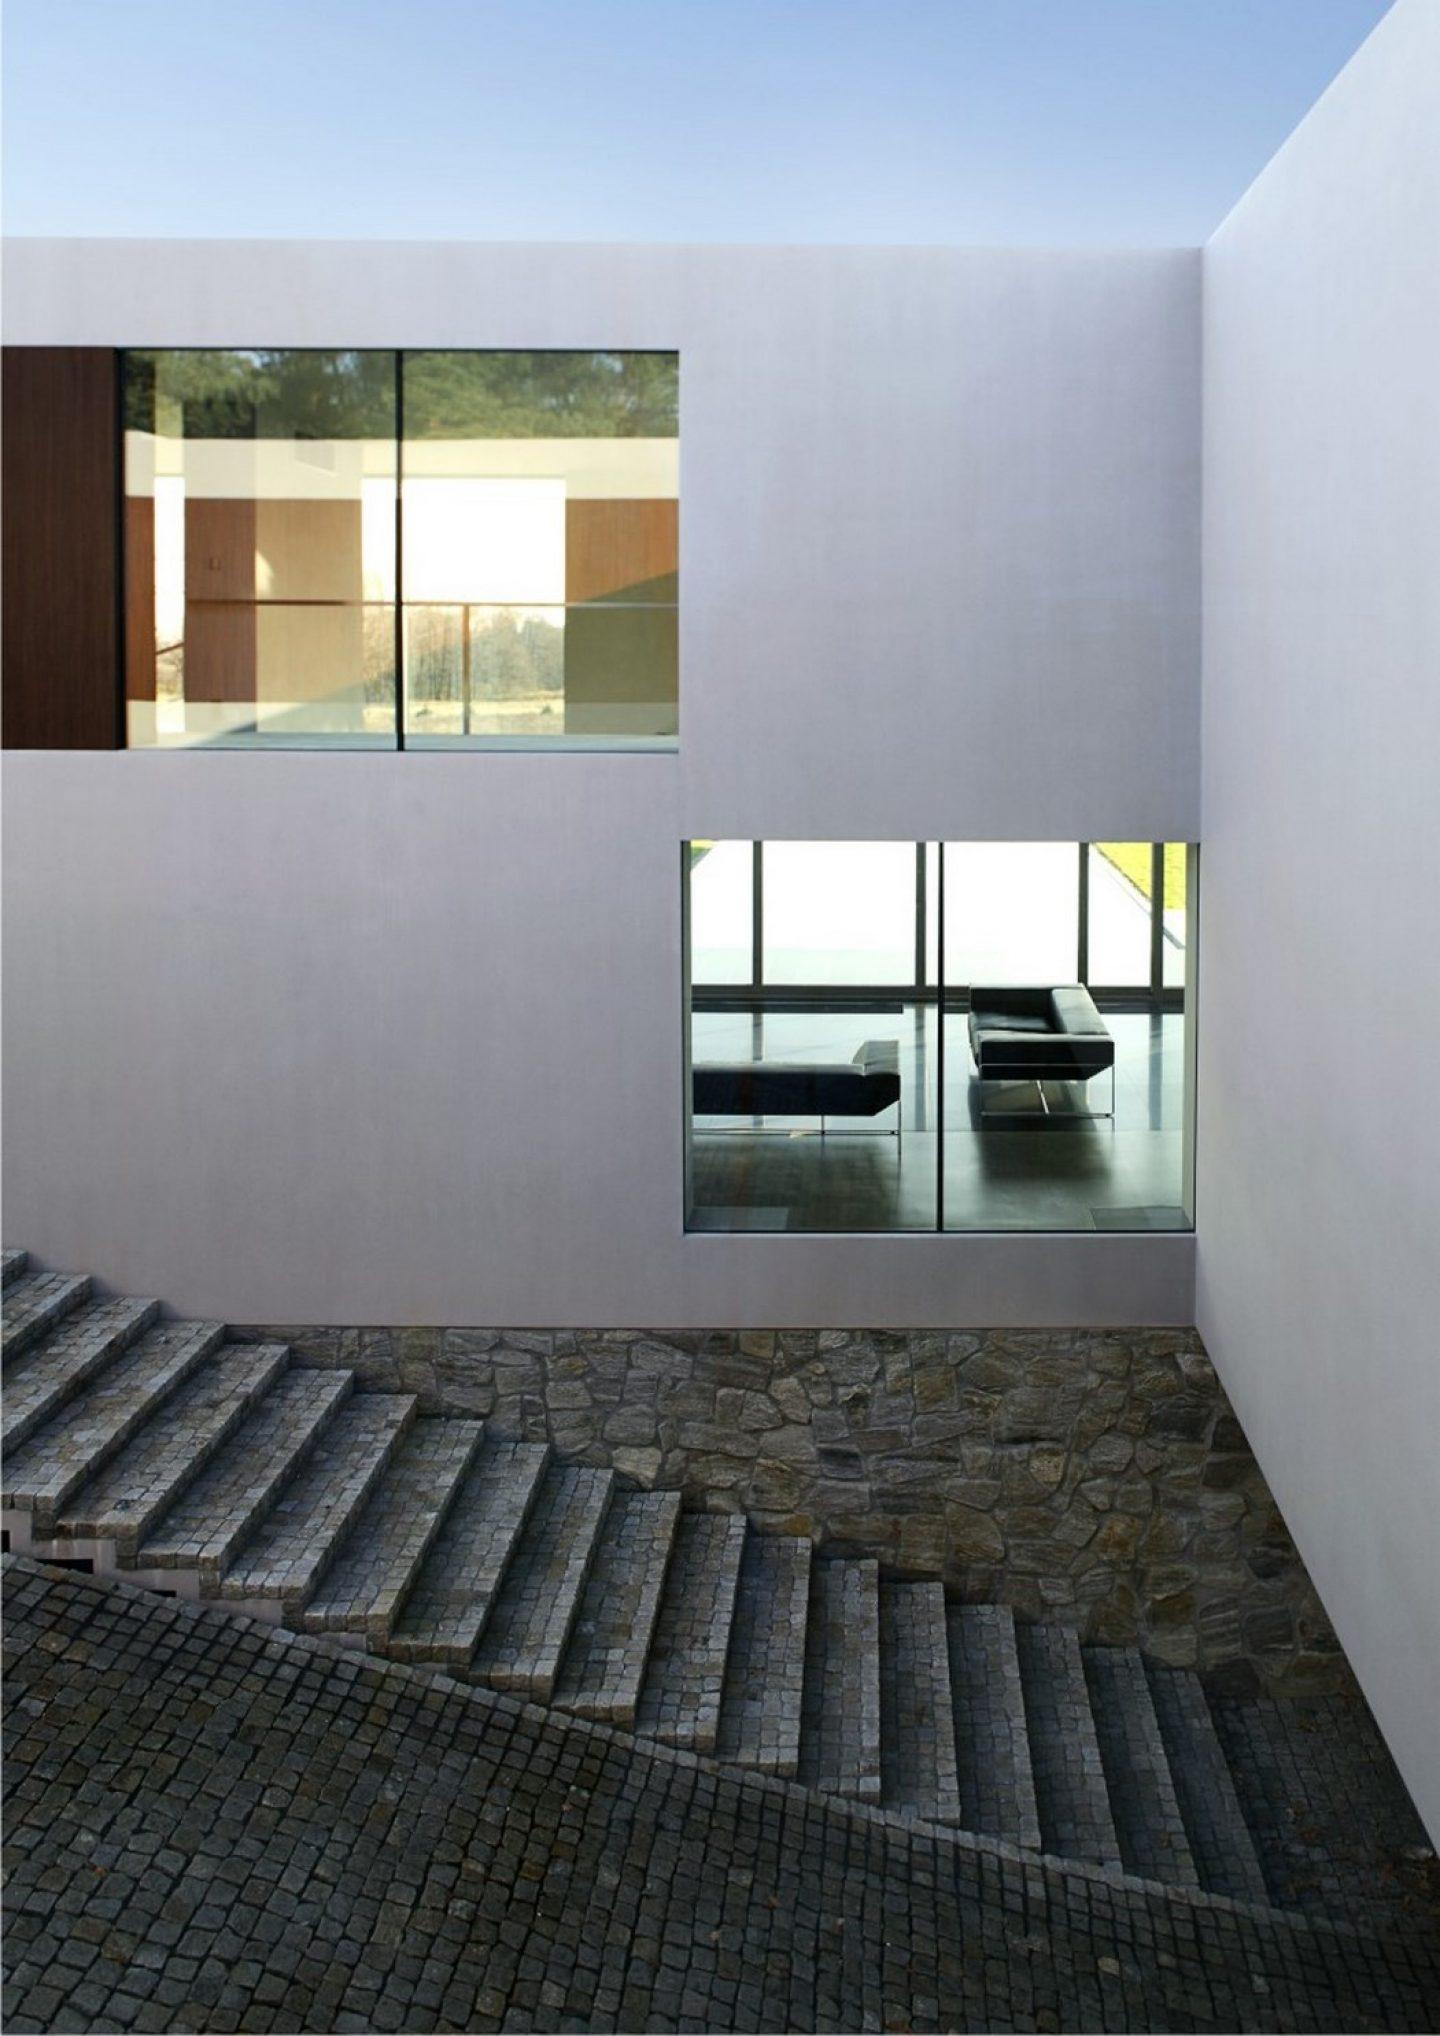 robert_konieczny_architecture-16-kopiowanie